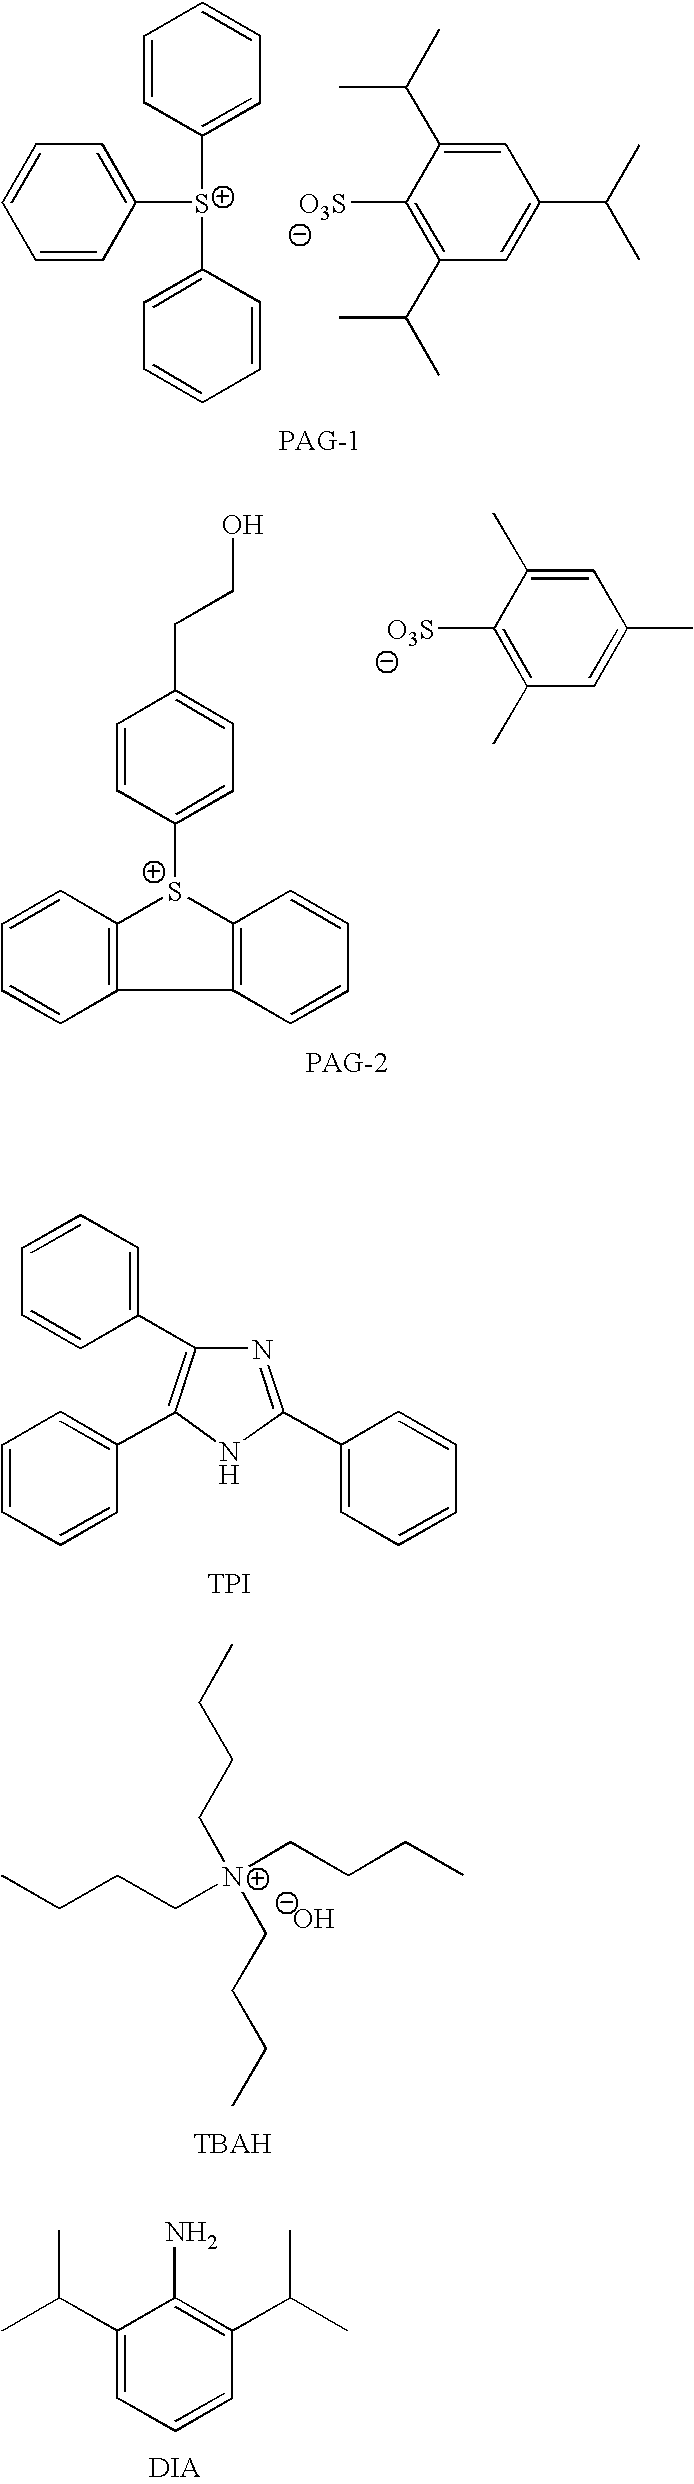 Figure US08852845-20141007-C00240